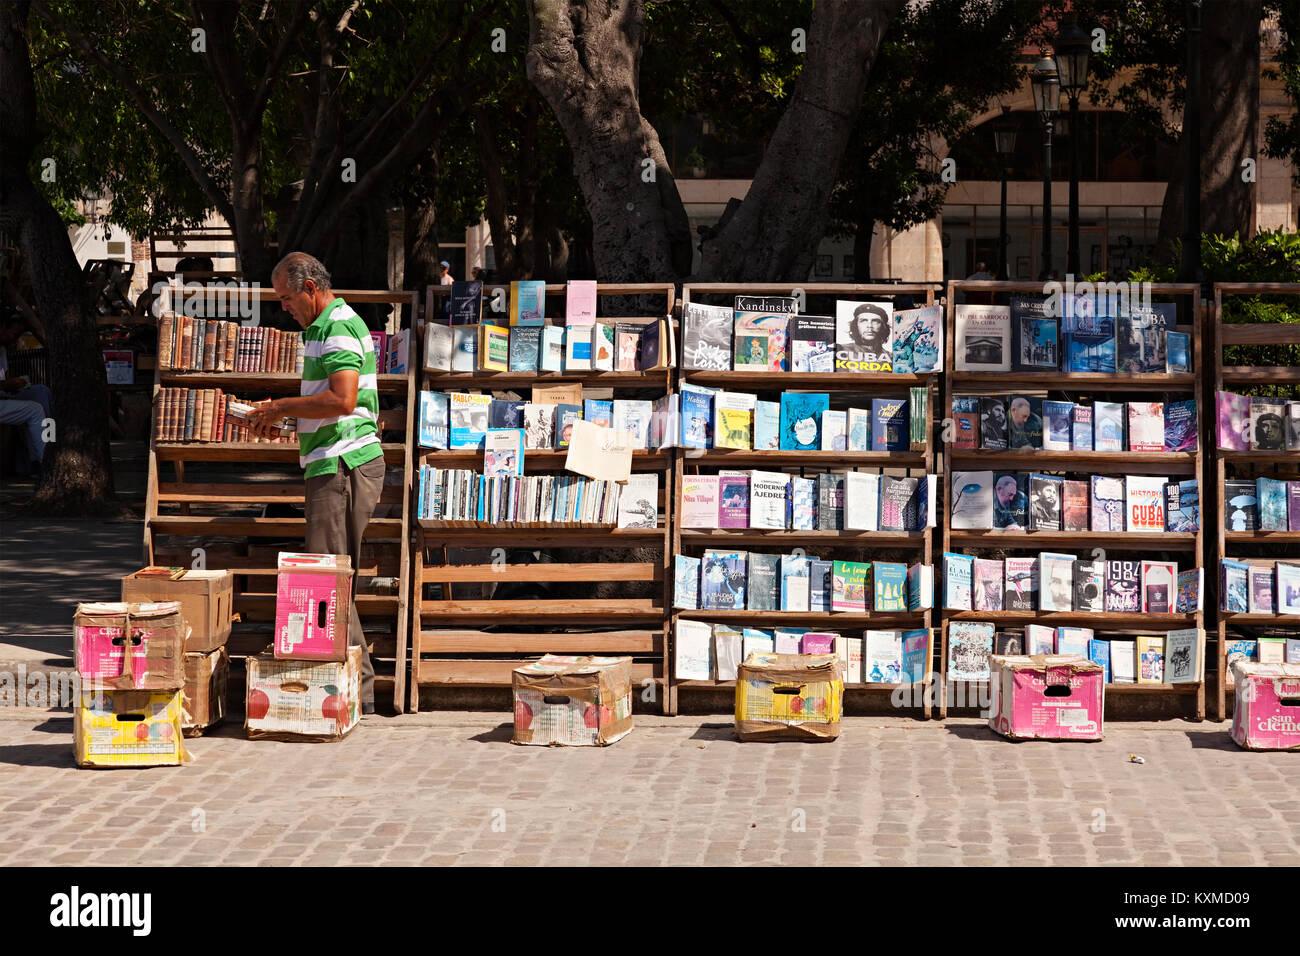 A book vendor along Calle Obispo in Havana, Cuba. - Stock Image